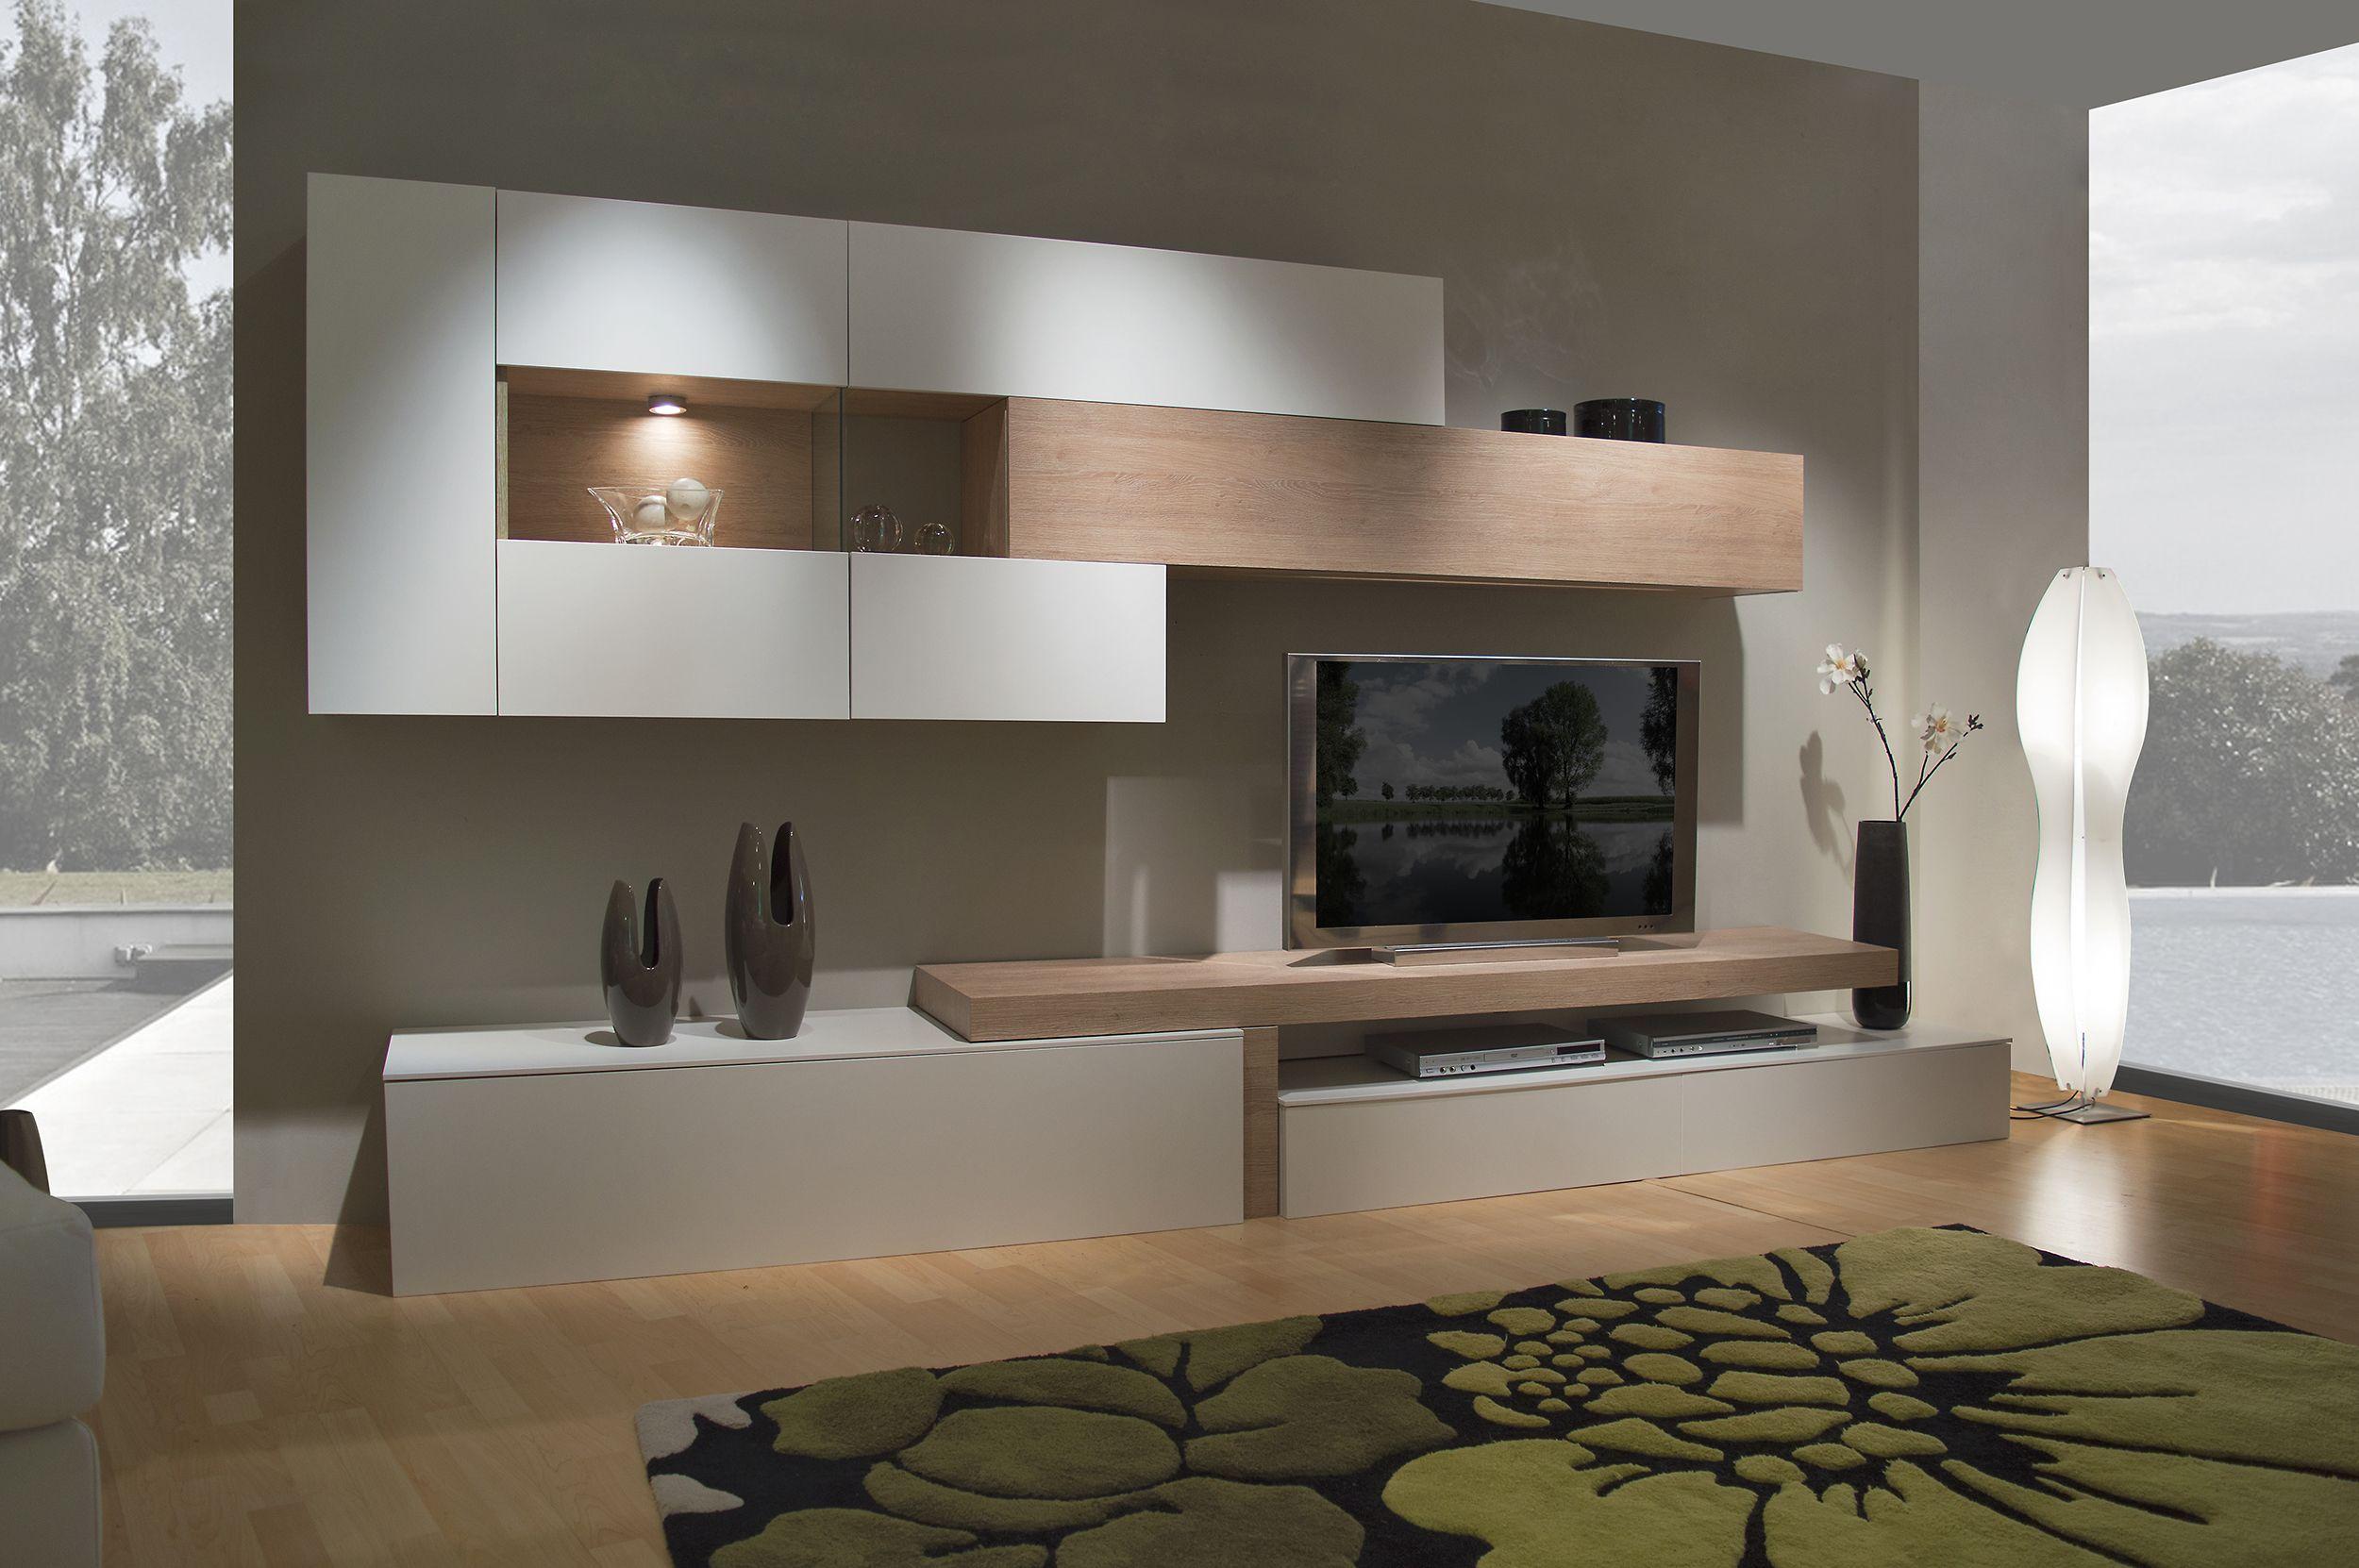 Comedor n 22 isabel mir casa muebles muebles salon - Muebles para el televisor ...